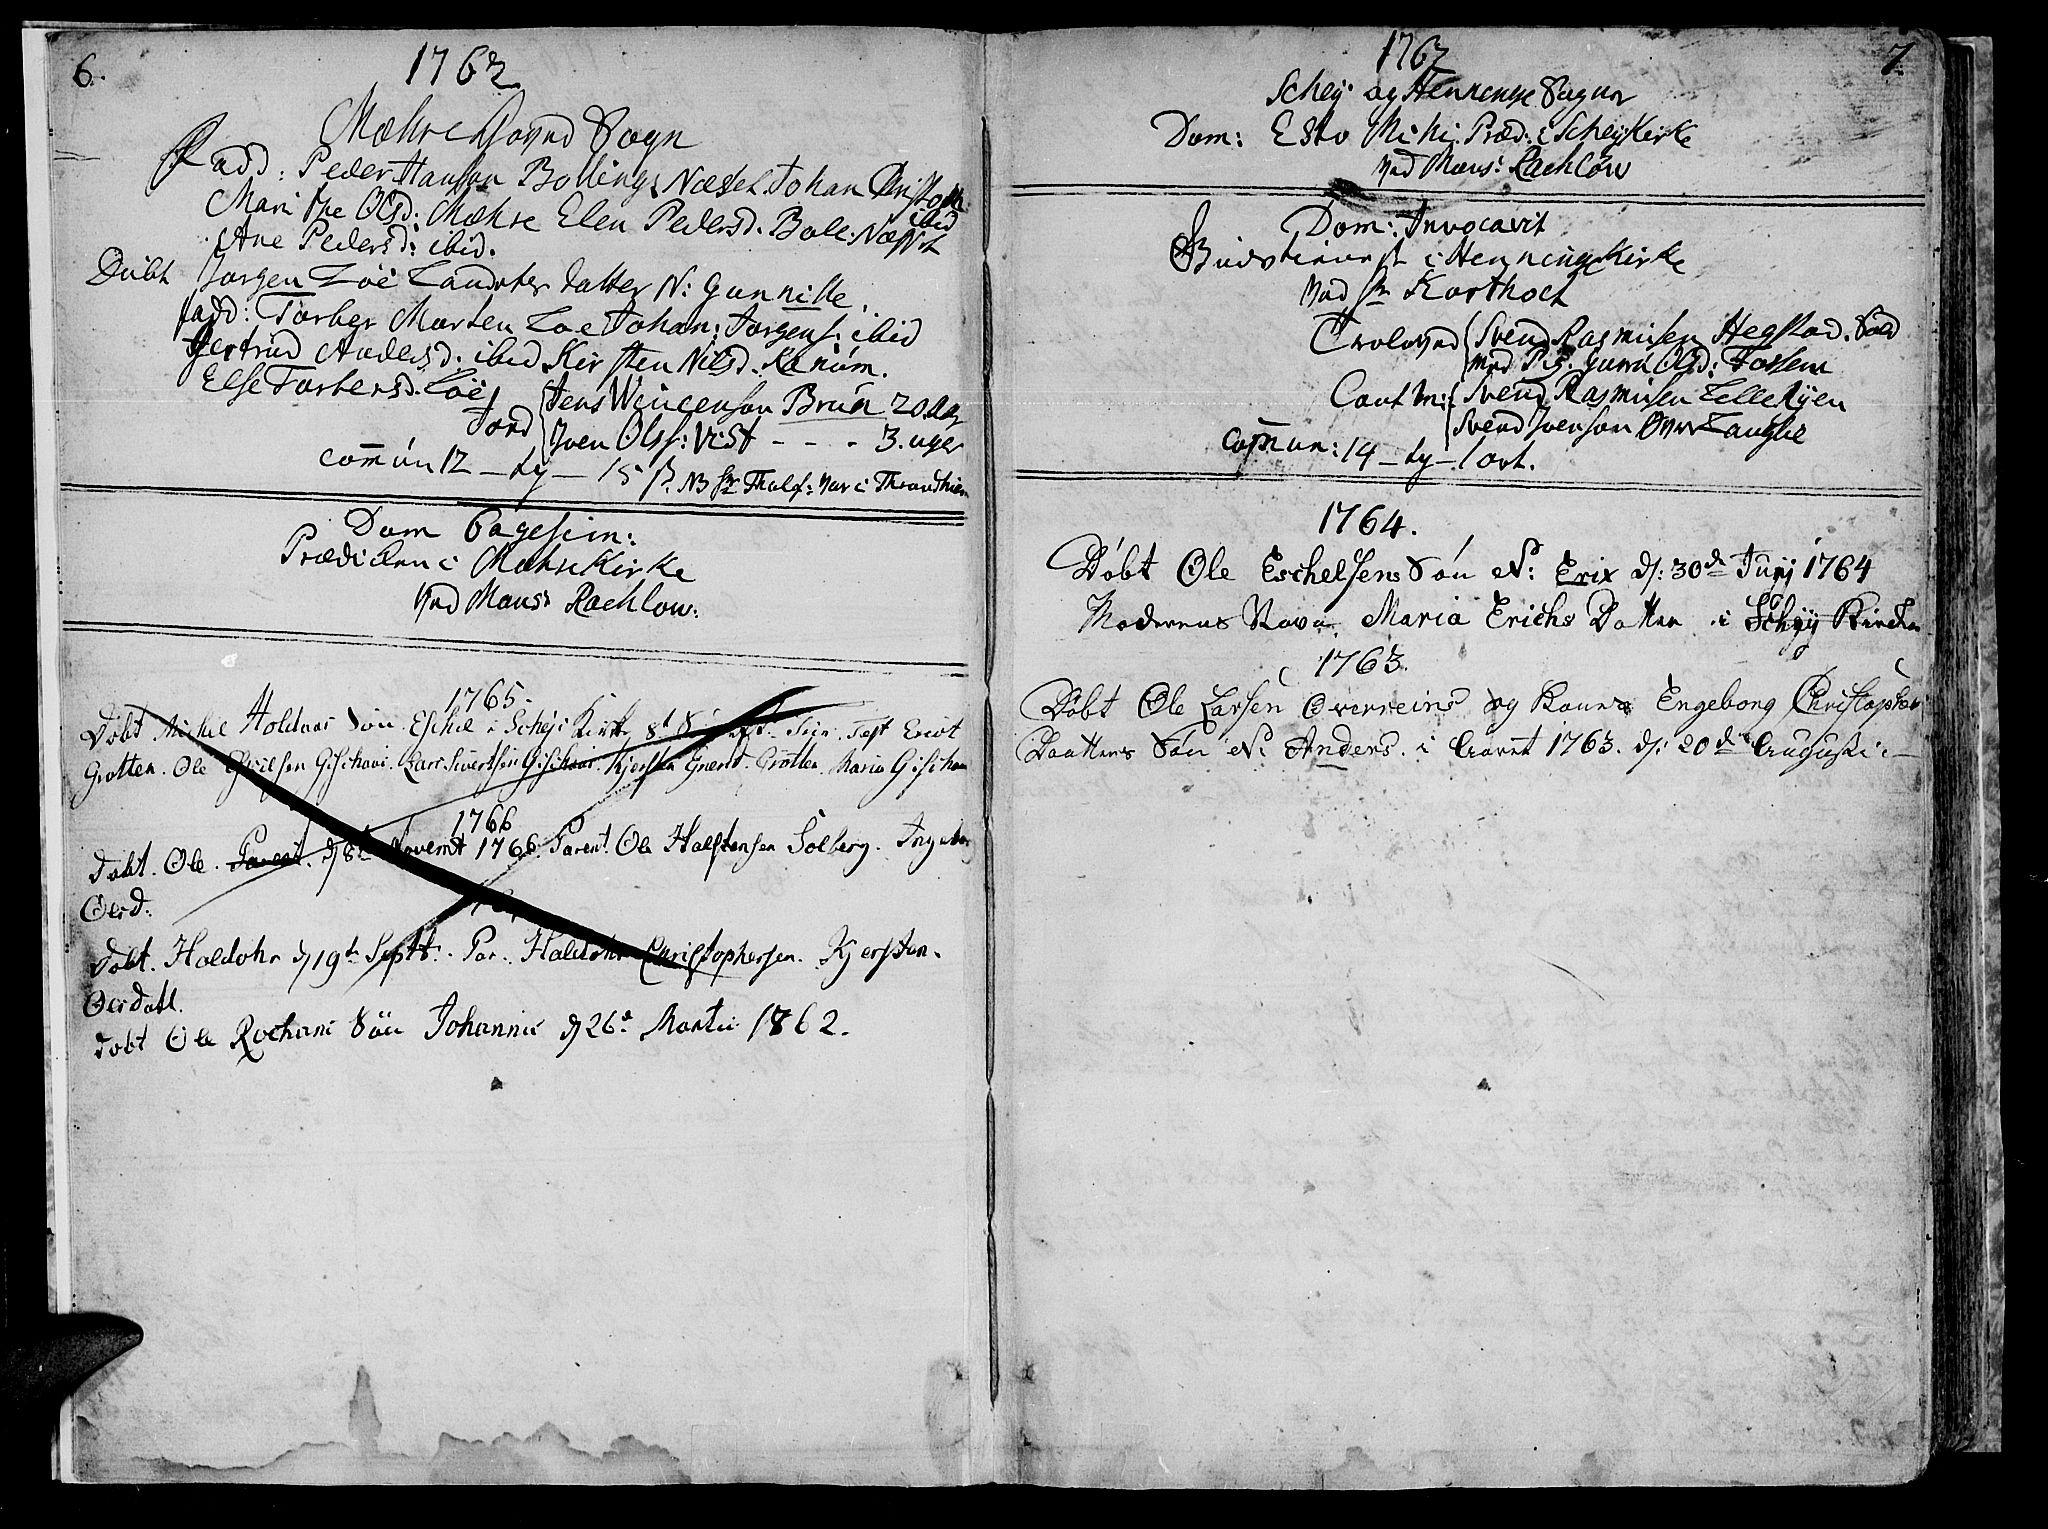 SAT, Ministerialprotokoller, klokkerbøker og fødselsregistre - Nord-Trøndelag, 735/L0331: Ministerialbok nr. 735A02, 1762-1794, s. 6-7